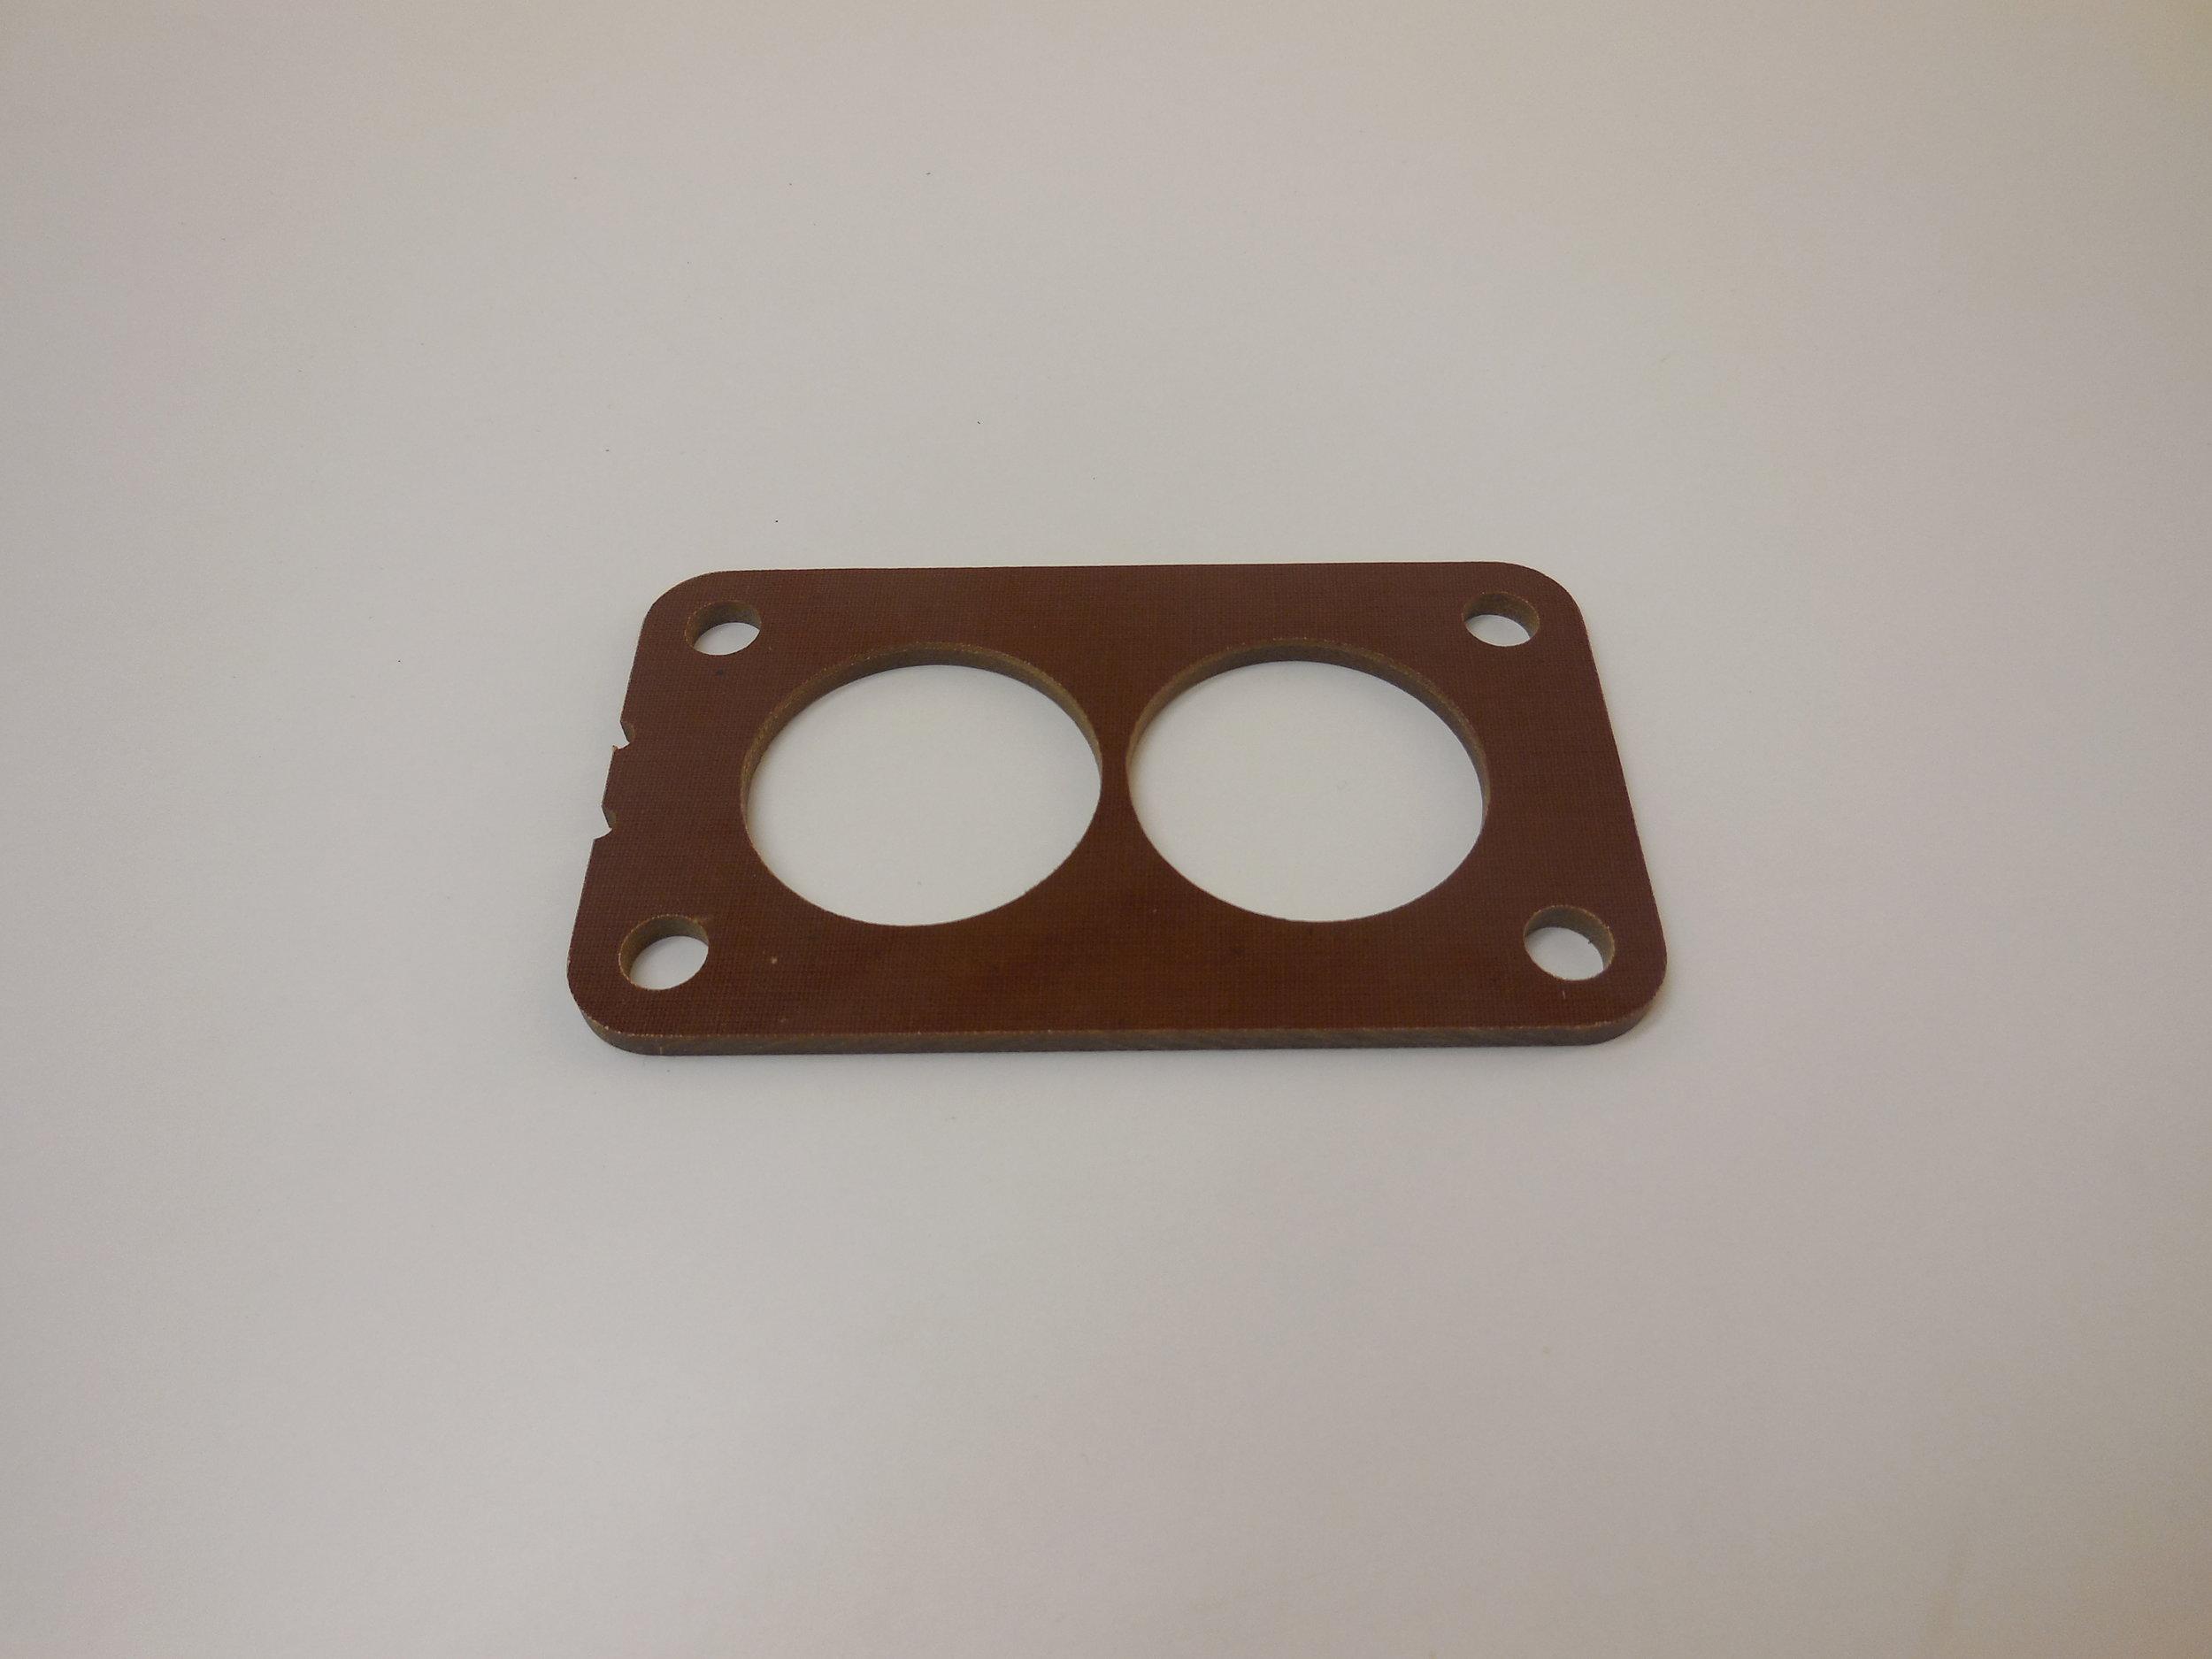 Thermal insulation Plate häggo Nr: 453 7091-094 Price: 257 Sek